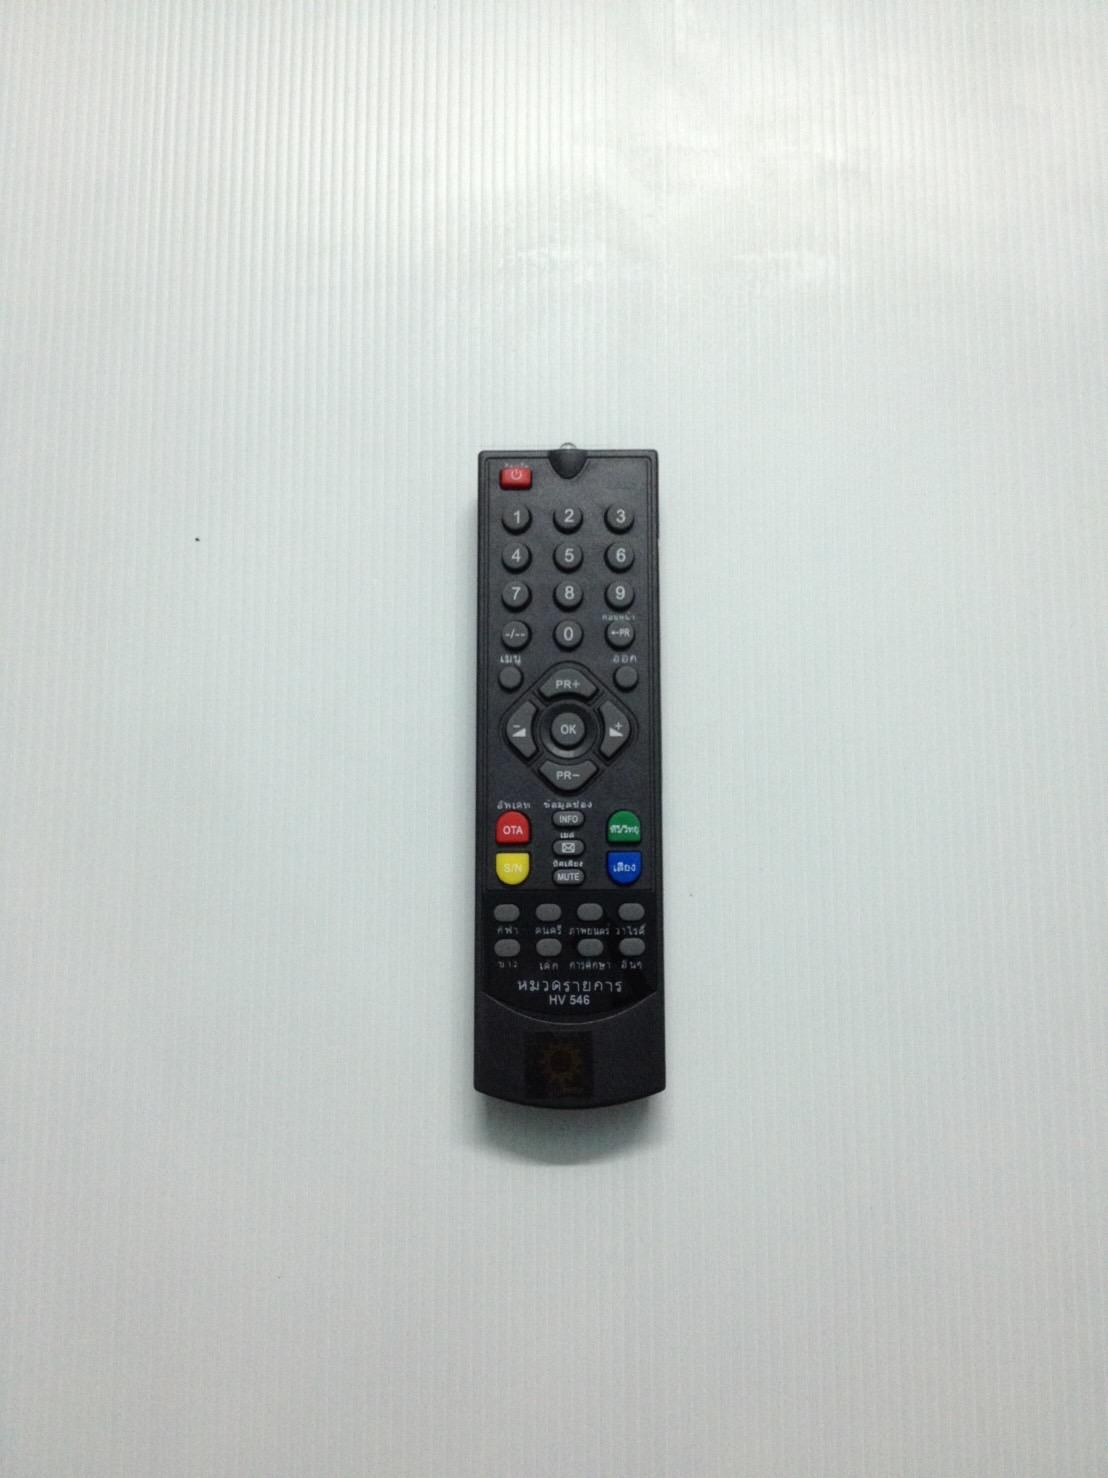 รีโมทจานดาวเทียม ซันบ็อก SUNBOX